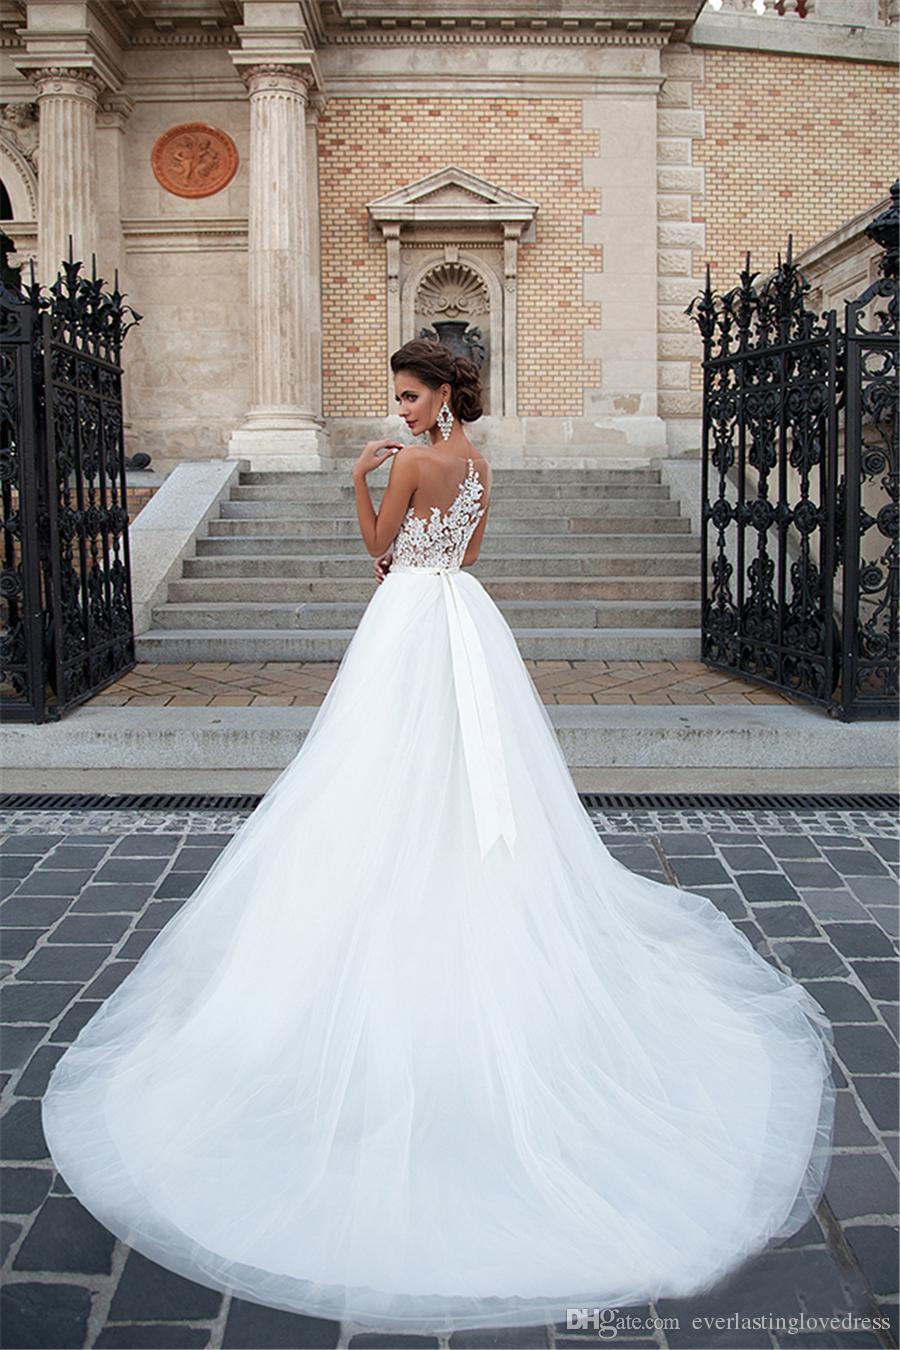 A-Line Applique Dentelle et couleur Nude à l'intérieur d'une ligne Robe de mariée élégante Tulle Tulle Beltte Robe de mariée Vestido de Noiva